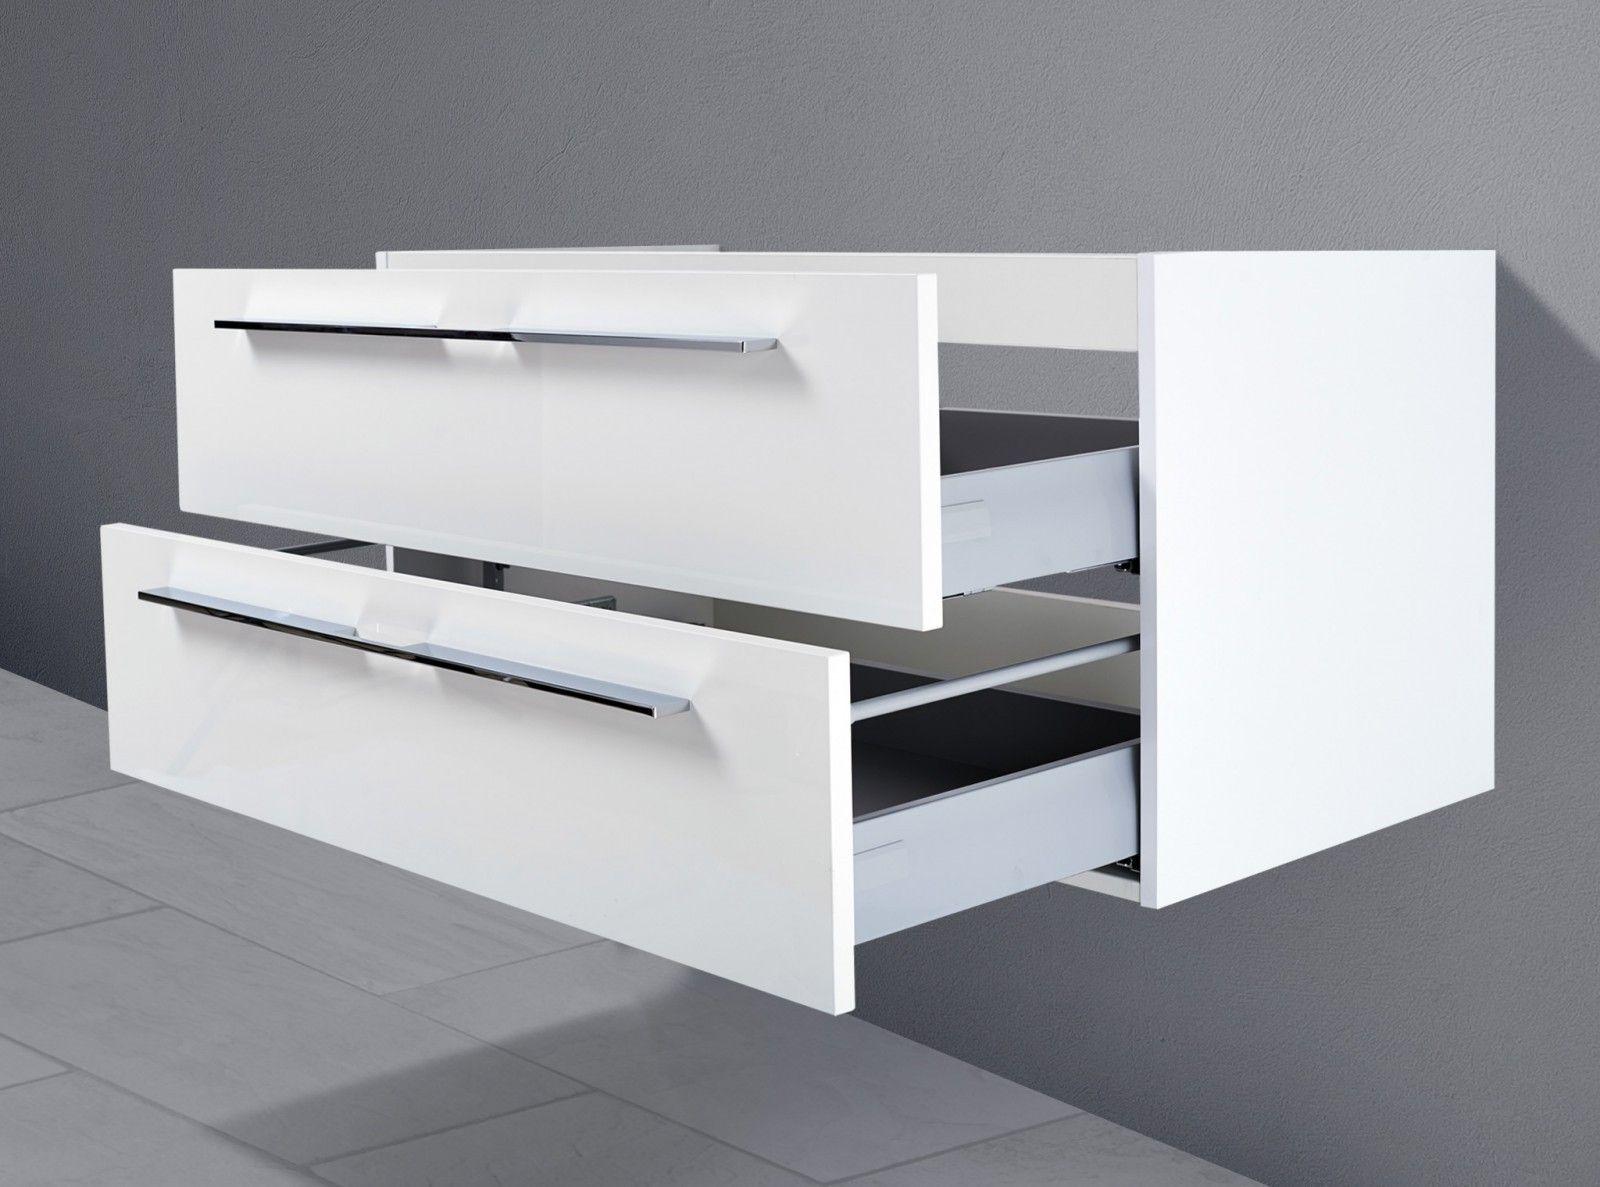 Unterschrank für Villeroy & Boch Avento Waschtisch 65 cm Grifflos ...